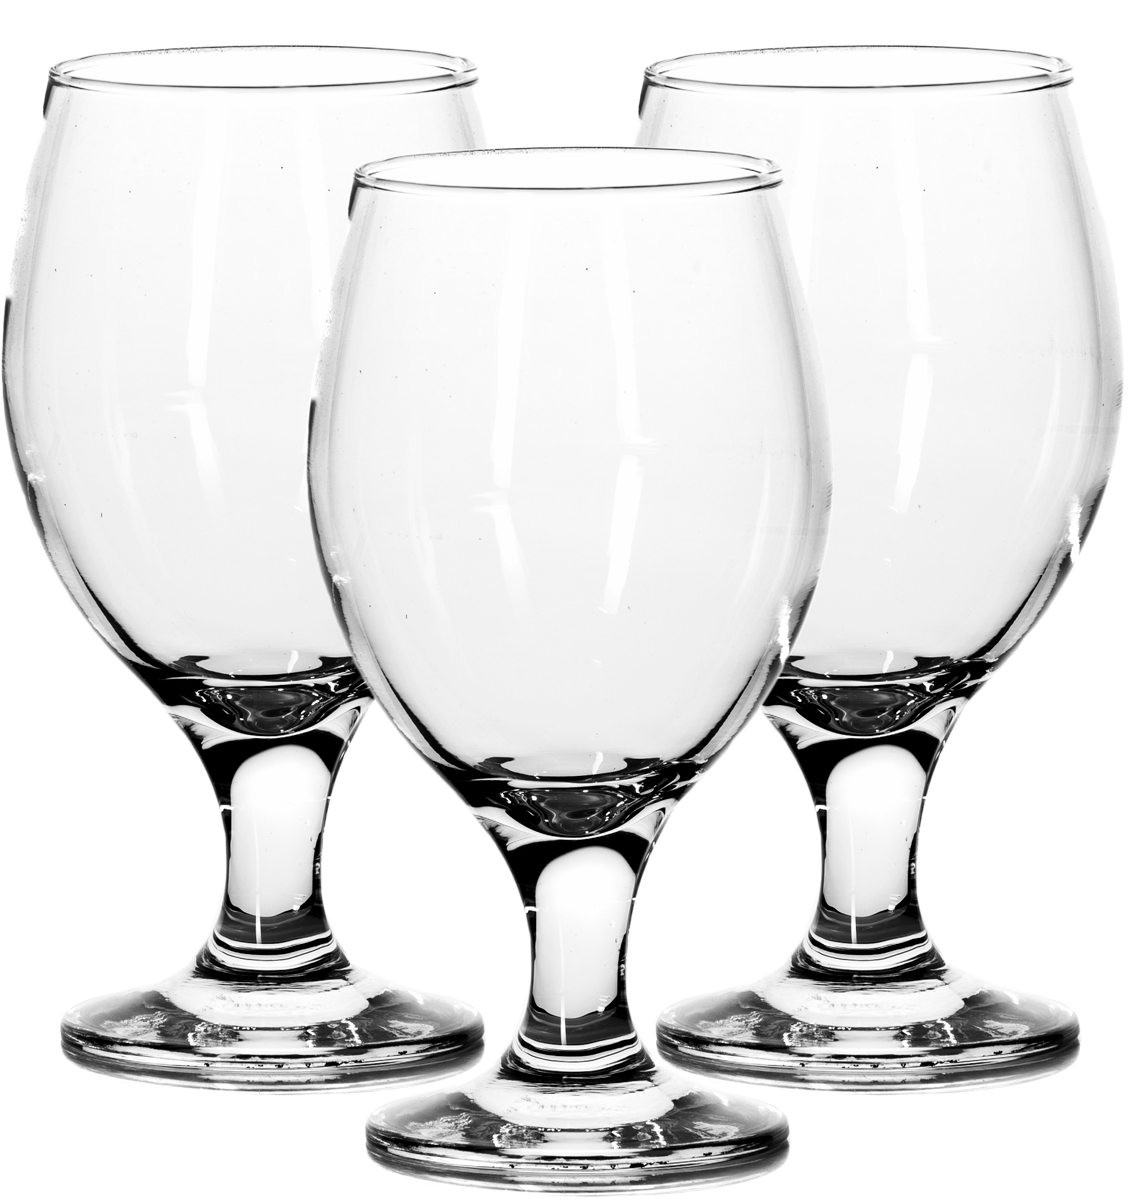 Набор бокалов Pasabahce Bistro, 400 мл, 3 шт44417B/Набор Pasabahce Bistro состоит из трех бокалов на ножке, изготовленных из прочного натрий-силикатного стекла. Изделия, несомненно, придутся вам по душе. Бокалы сочетают в себе элегантный дизайн и функциональность. Набор бокалов Pasabahce Bistro идеально подойдет для сервировки стола и станет отличным подарком к любому празднику! Состав набора: 3 бокала. Объем: 400 мл.